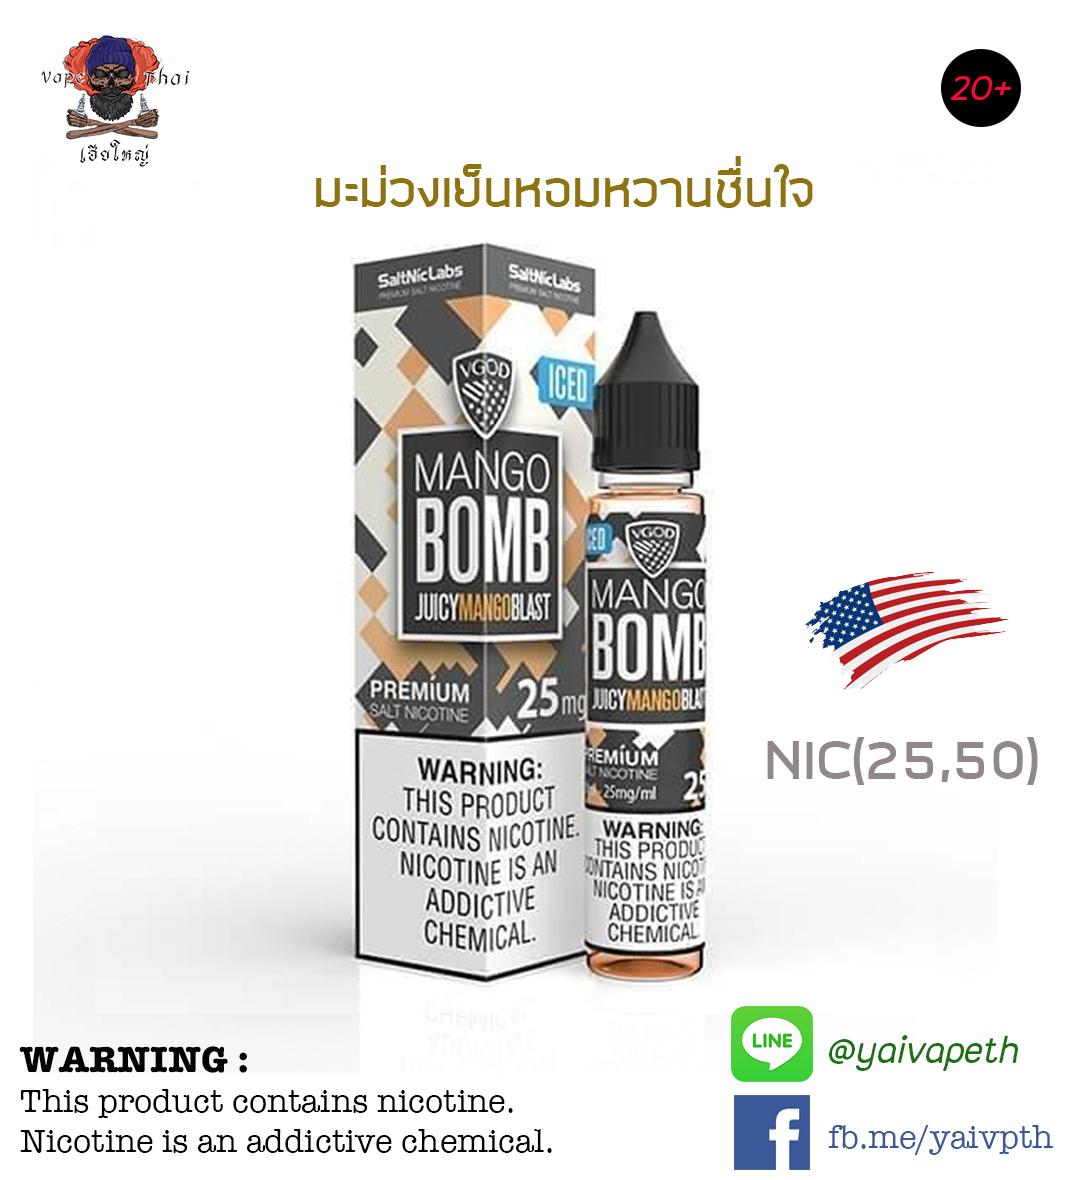 มะม่วงสุกเย็น - VGOD Ice Mango Bomb SaltNic 30 ml & NIC 25,50 mg (U.S.A.)  ของแท้ 100% [เย็น]